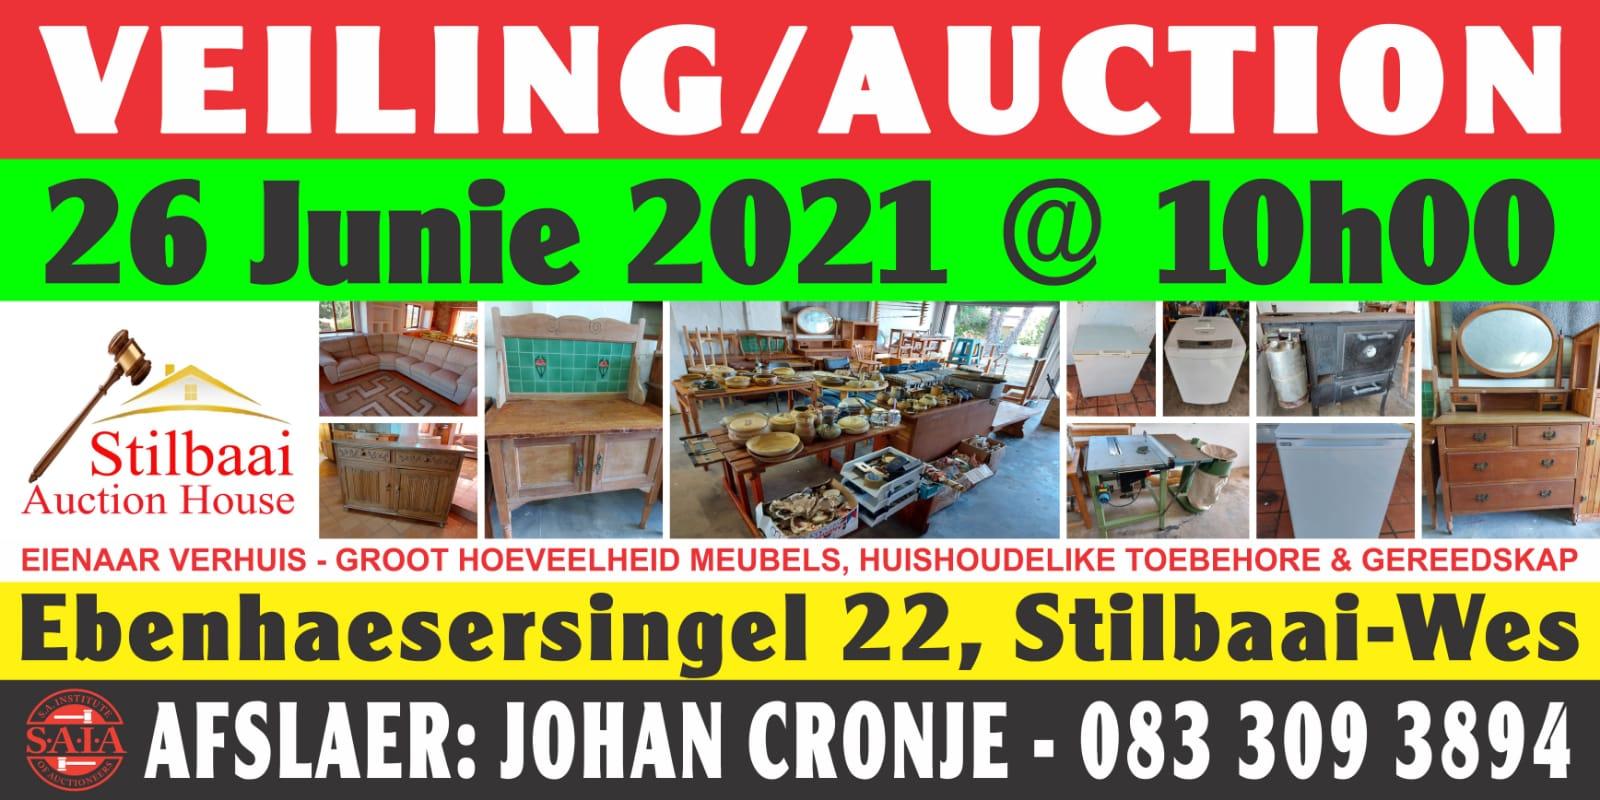 Stilbaai Auction House 26 June 2021